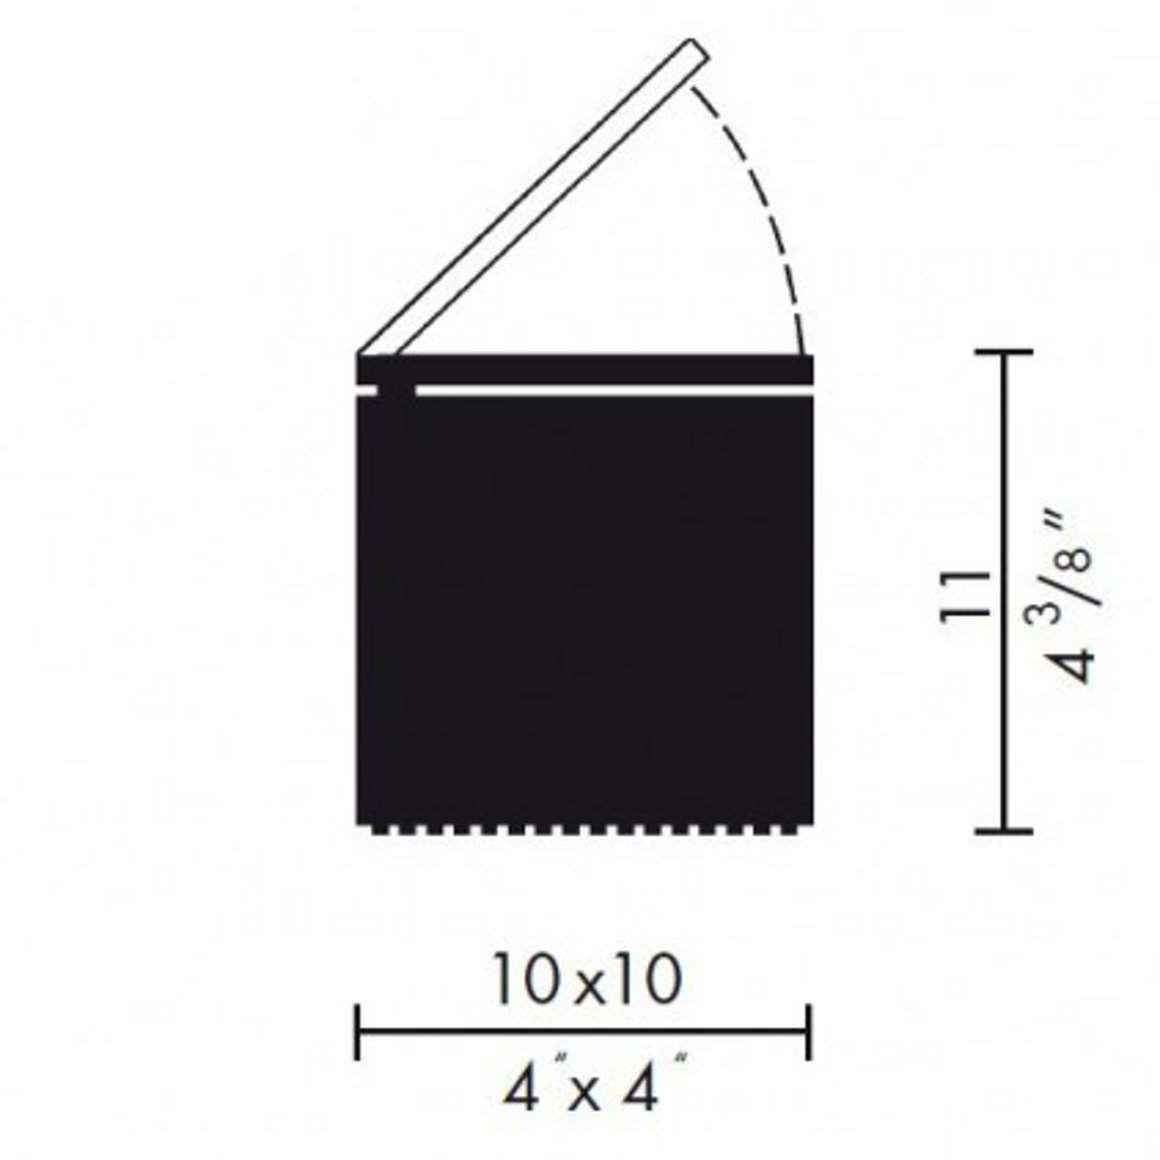 Cuboluce Table Lamp - scheme